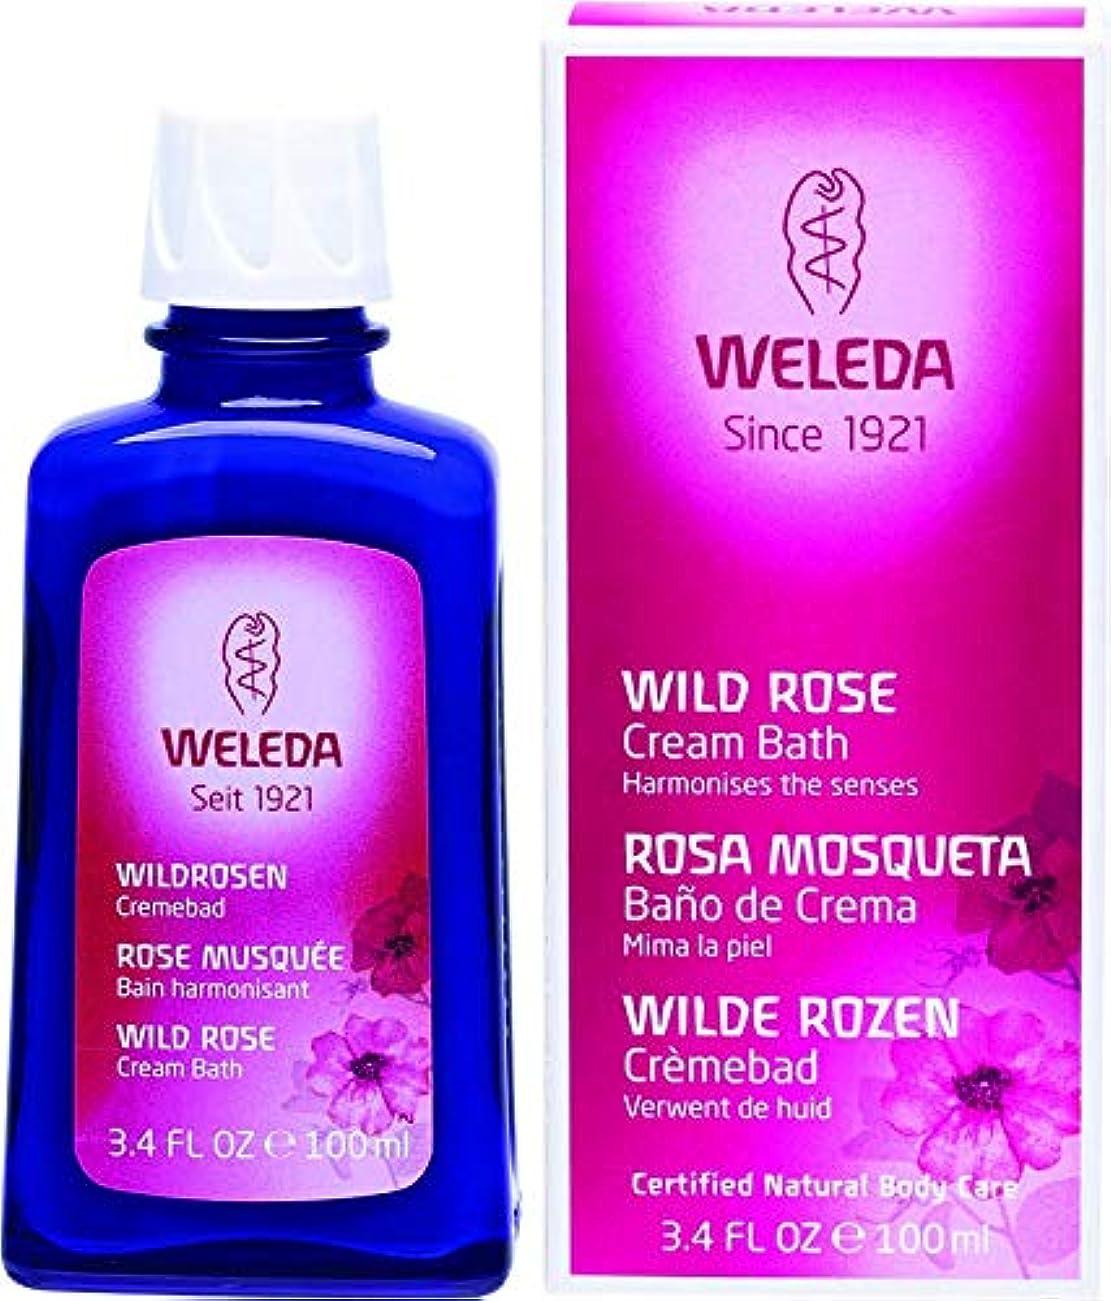 すすり泣きバンガロー写真WELEDA(ヴェレダ) ワイルドローズ クリームバスミルク 100ml